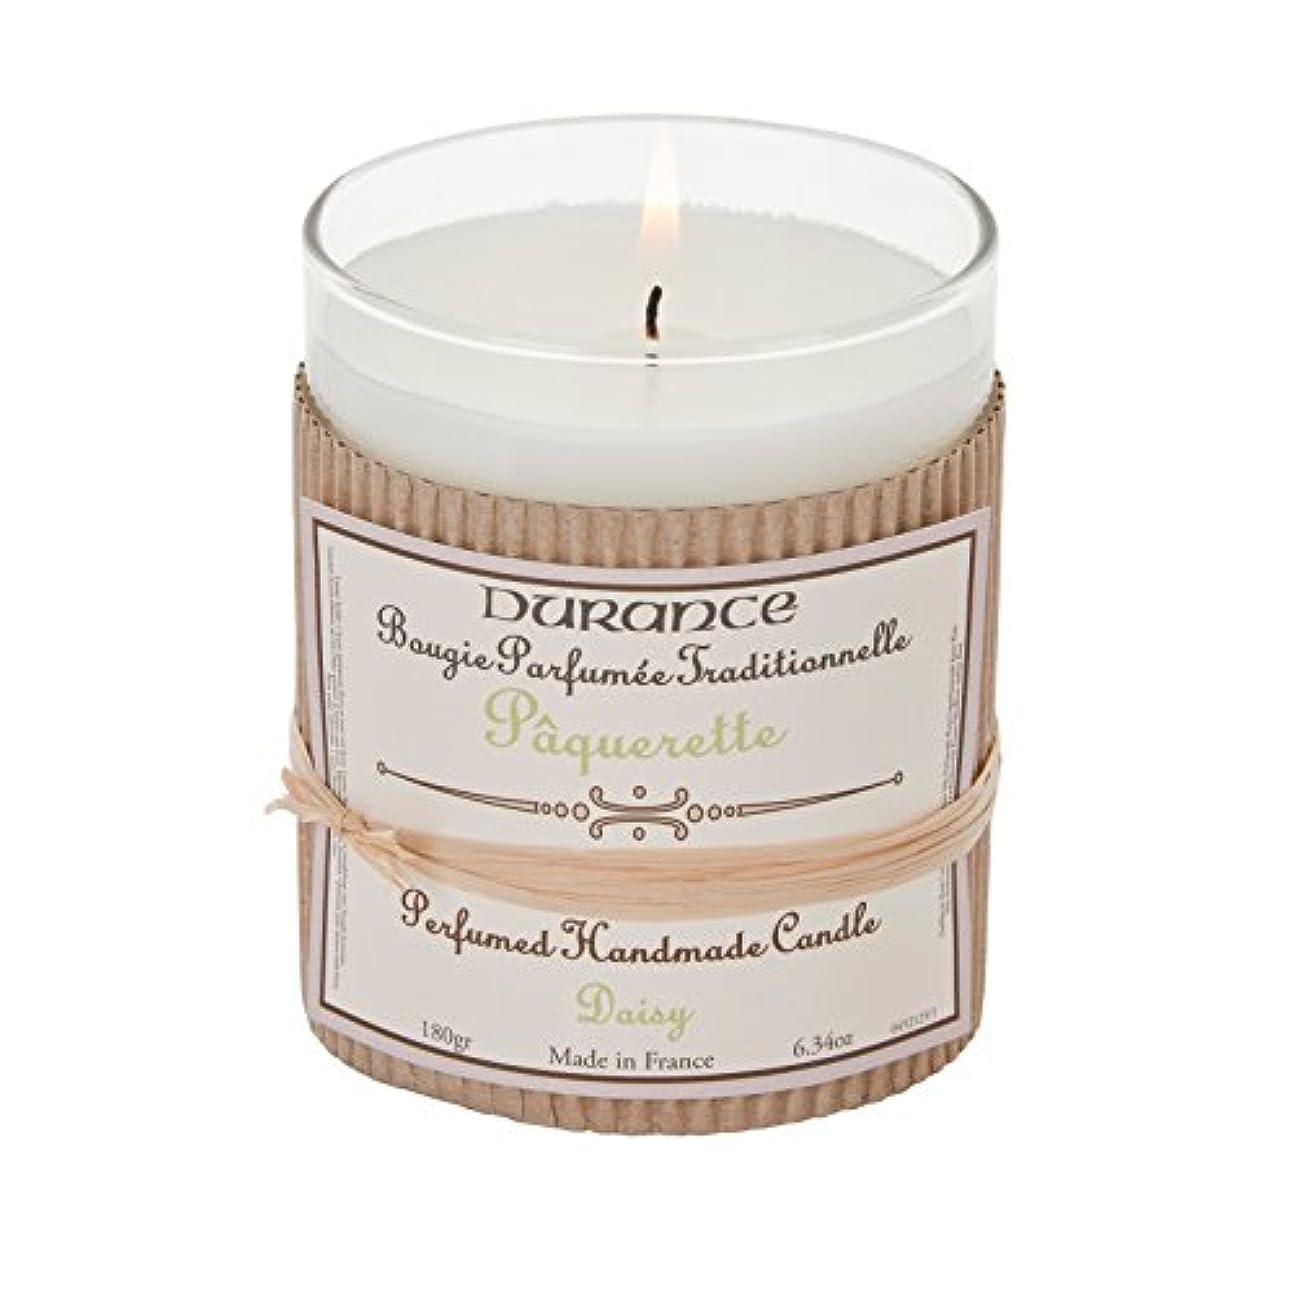 ピンポイント進む公爵Durance De Provence Hand Crafted Scented Candle - Daisy